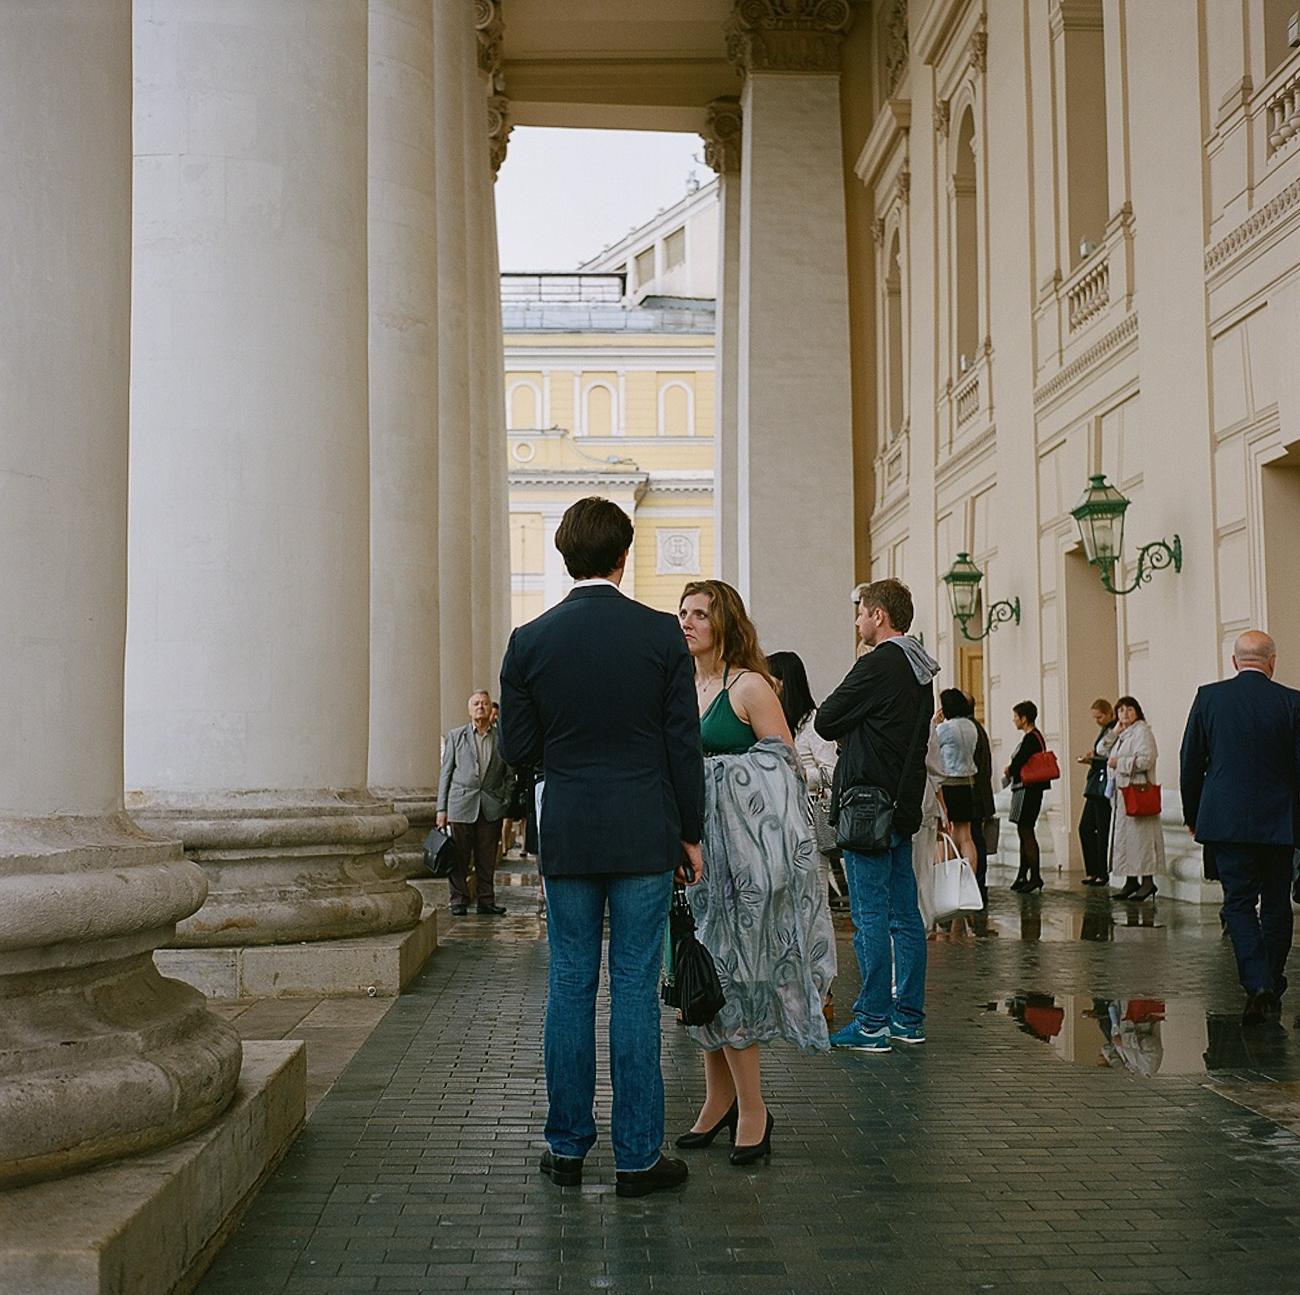 Le théâtre présente toutes sortes de spectacles, parmi lesquels figurent bien sûr des opéras, le Bolchoï accueillant également la meilleure troupe d'opéra de Russie.